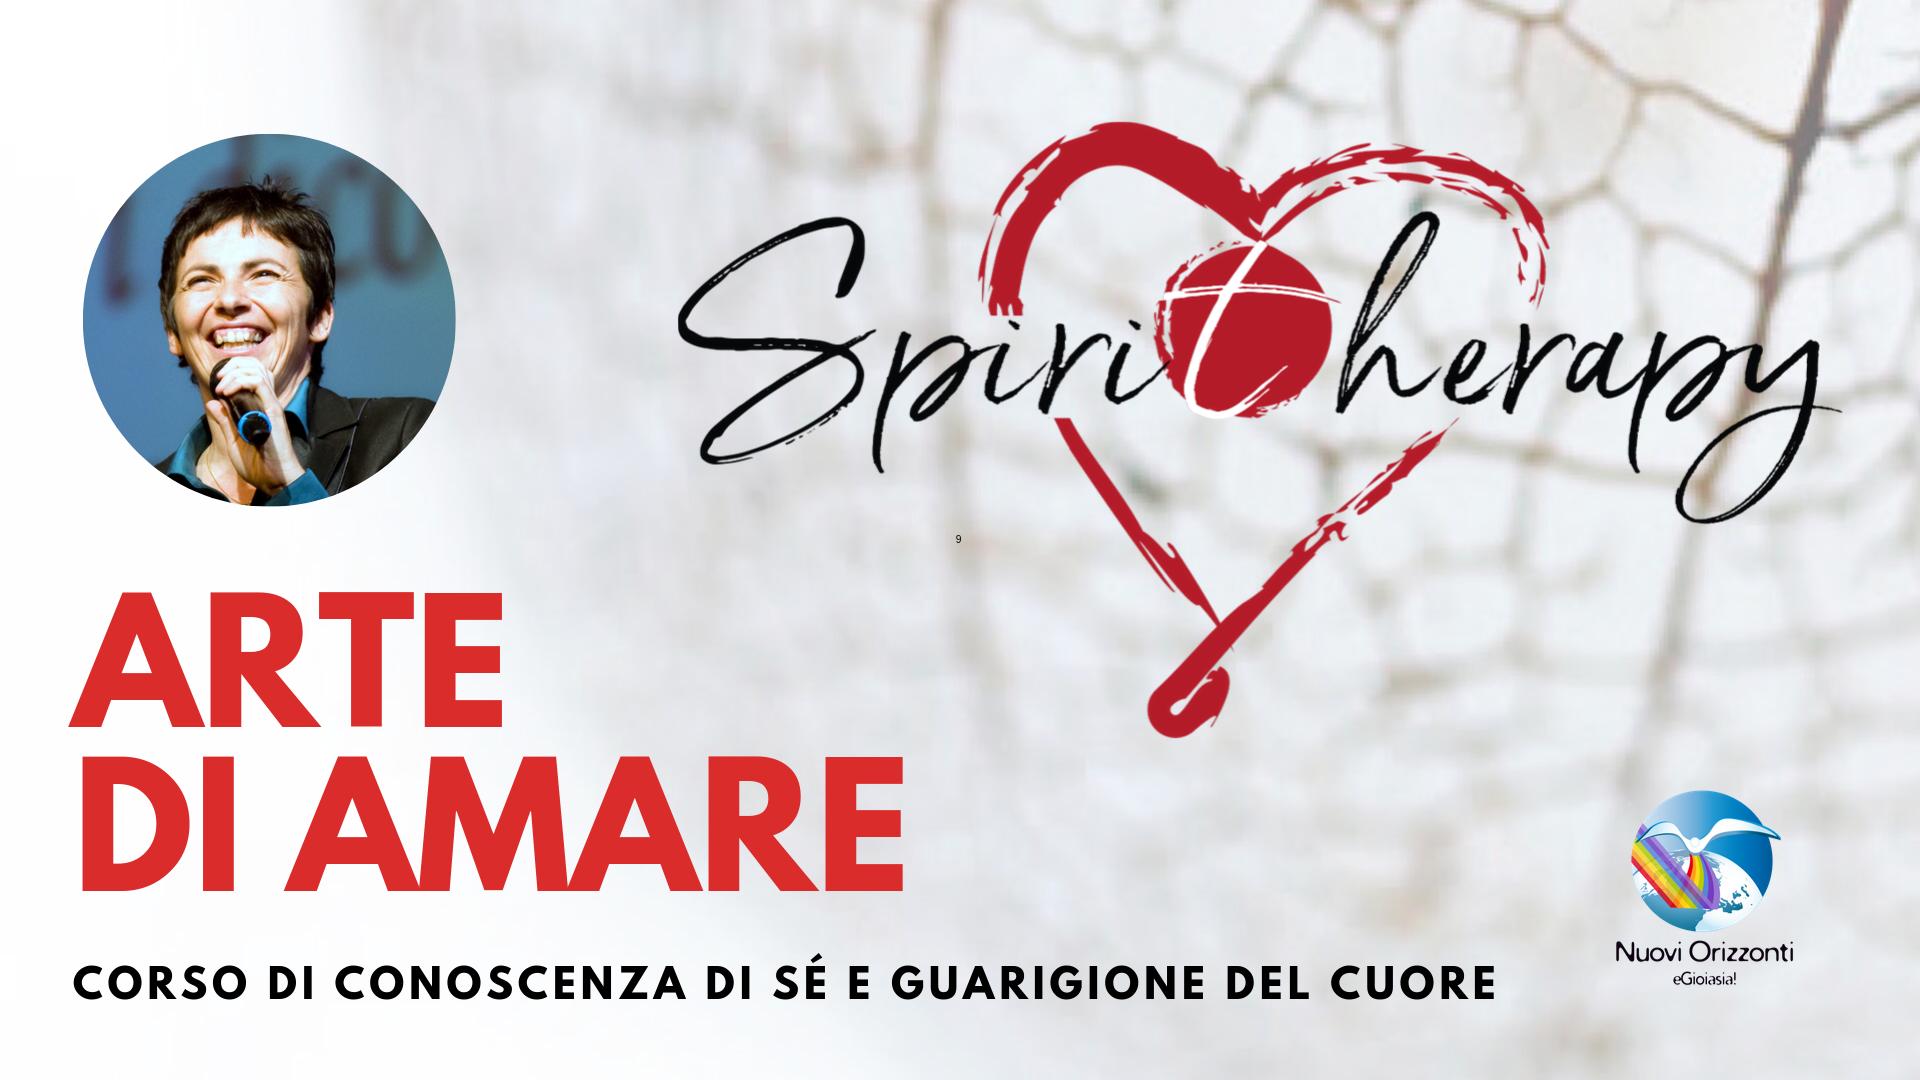 Chiara Amirante - Logo Spiritherapy - Cuore - Logo Nuovi Orizzonti - Sullo sfondo alchechengi